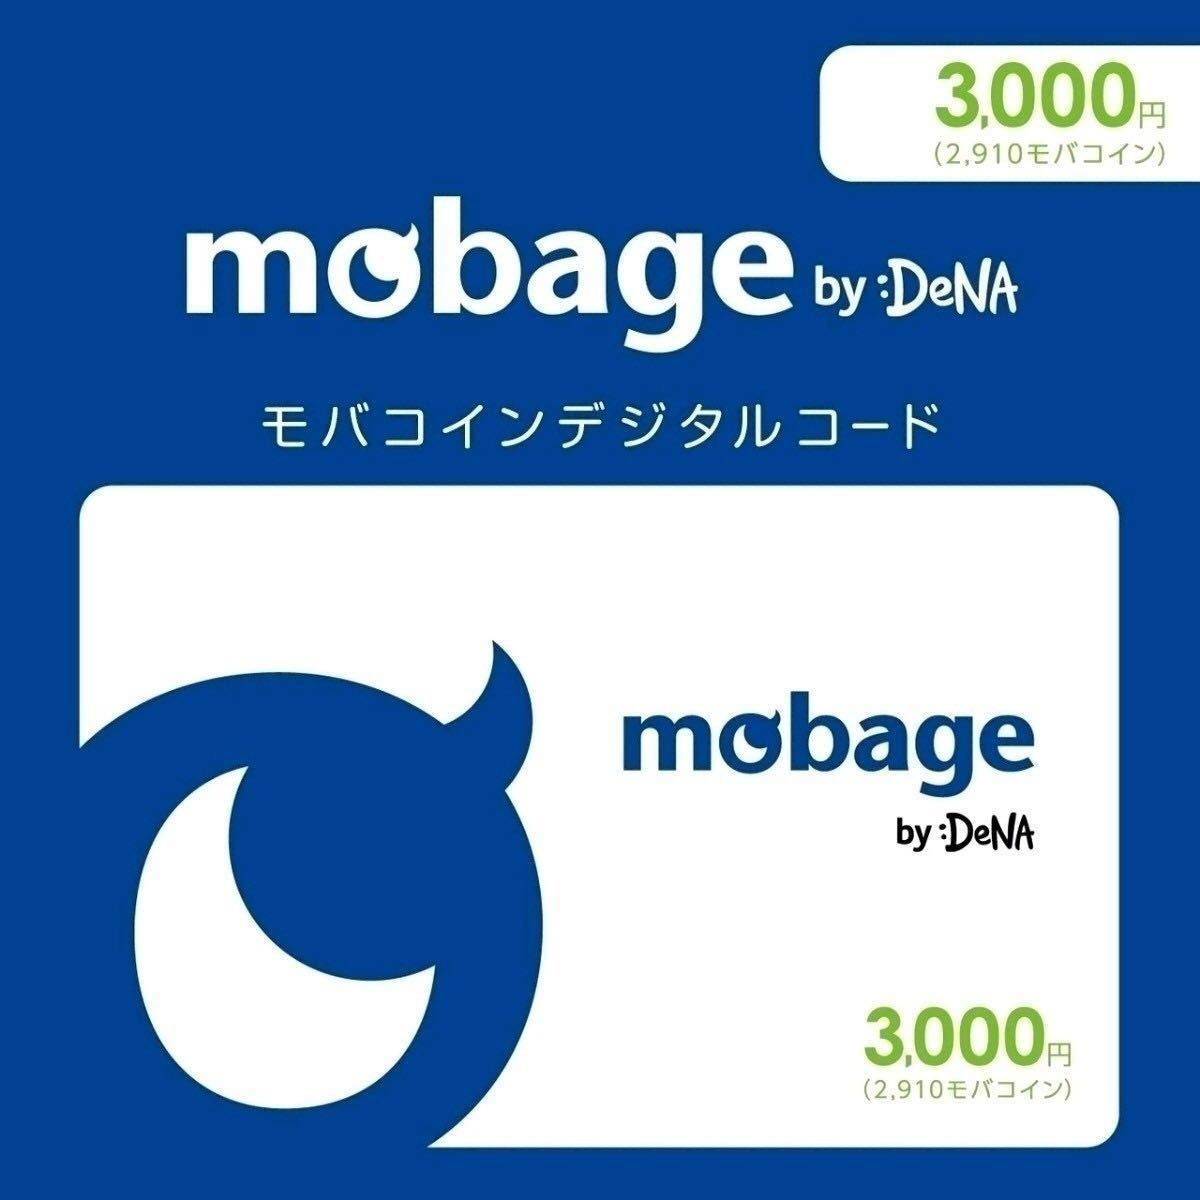 Mobage モバコインデジタルコード 3,000円(2,910モバコイン)